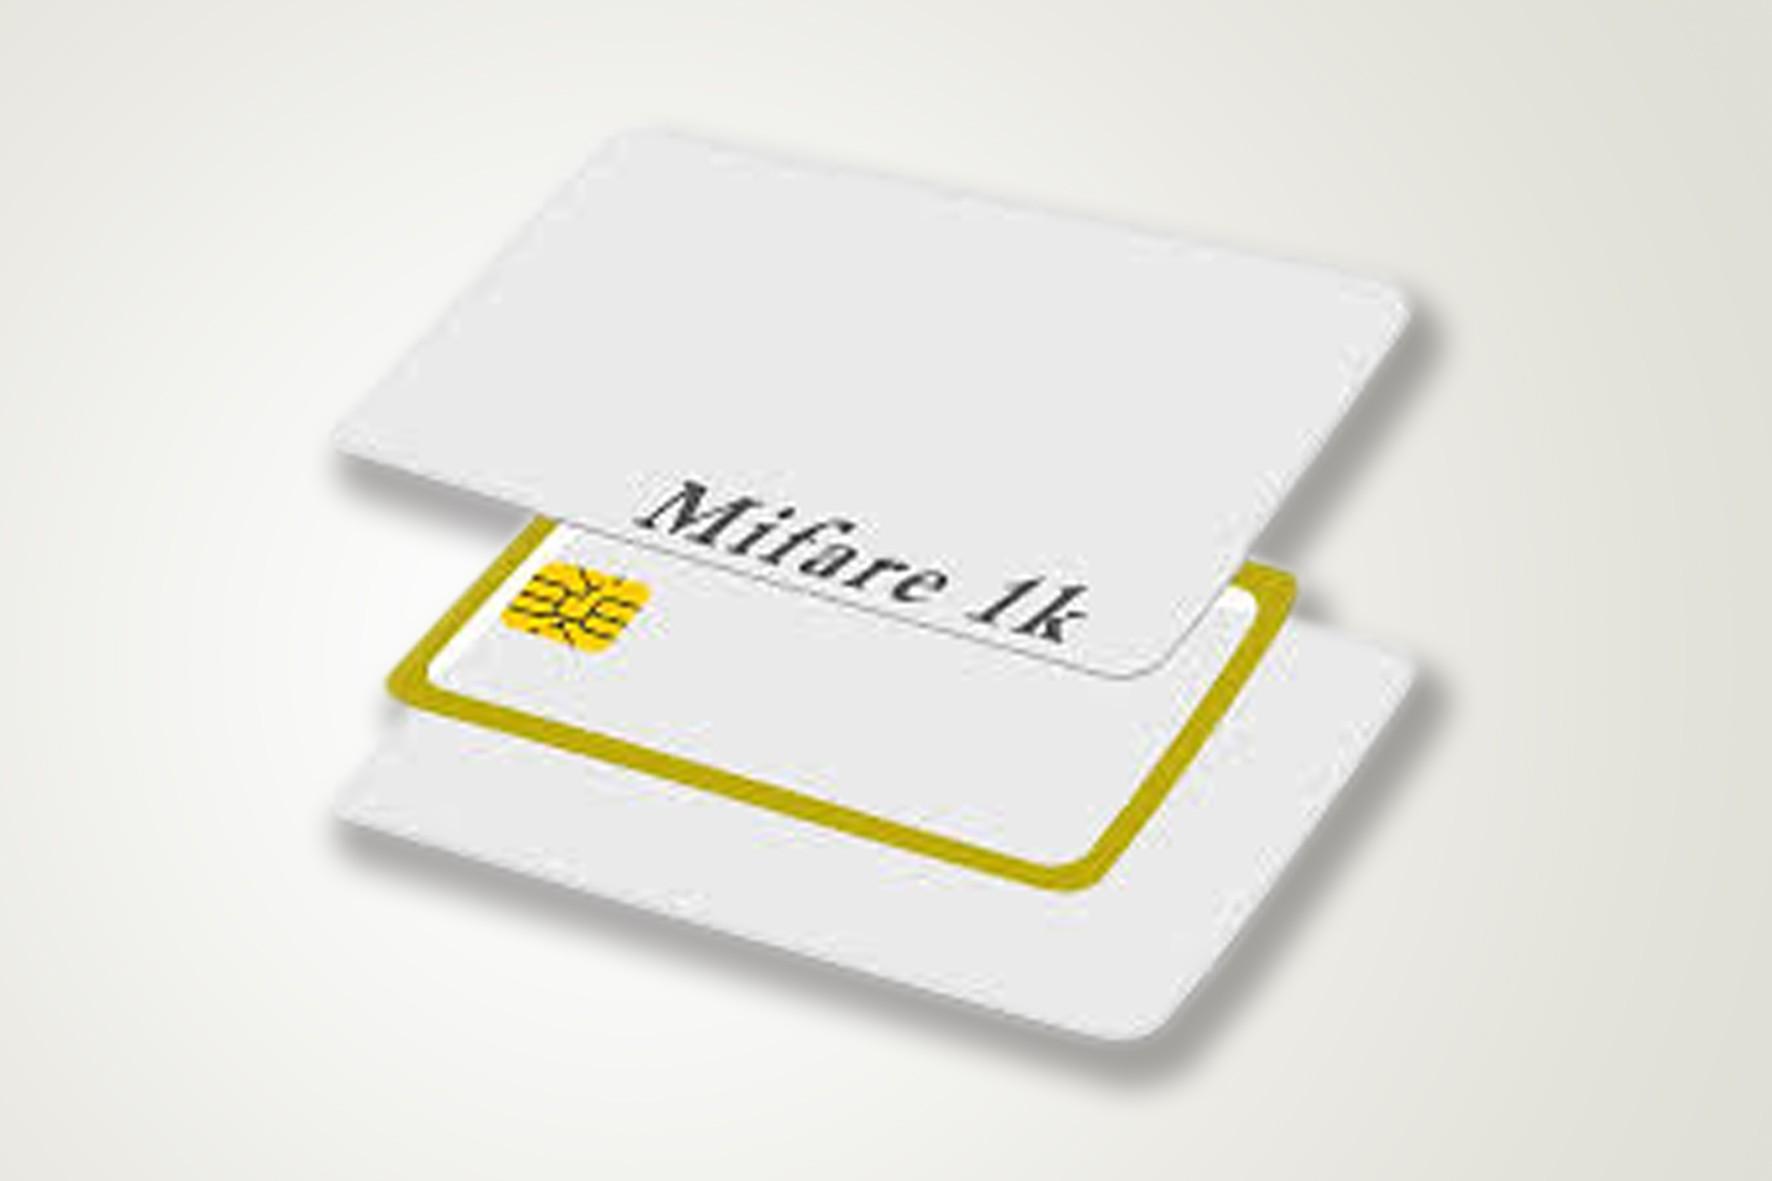 Cartões Mifare na Vila Caravelas - Réguas Personalizadas